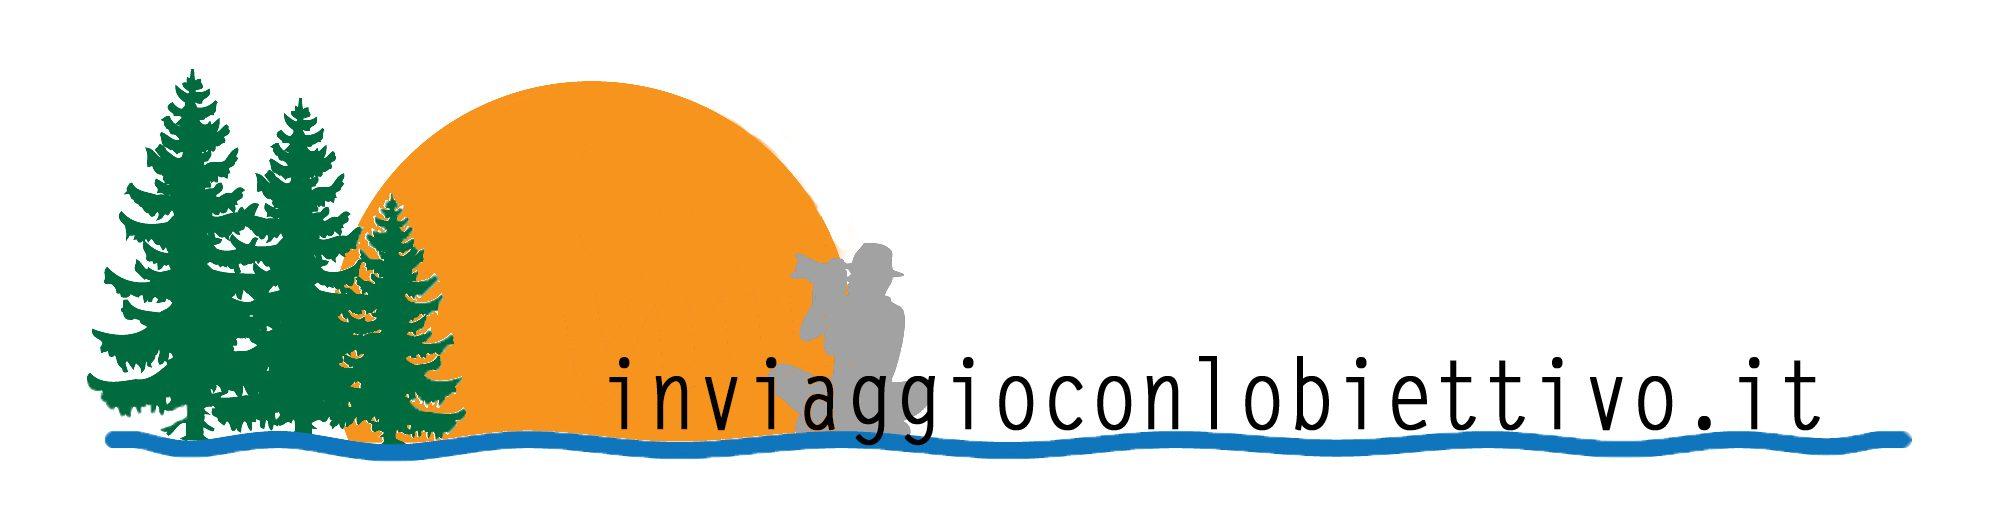 inviaggioconlobiettivo.it